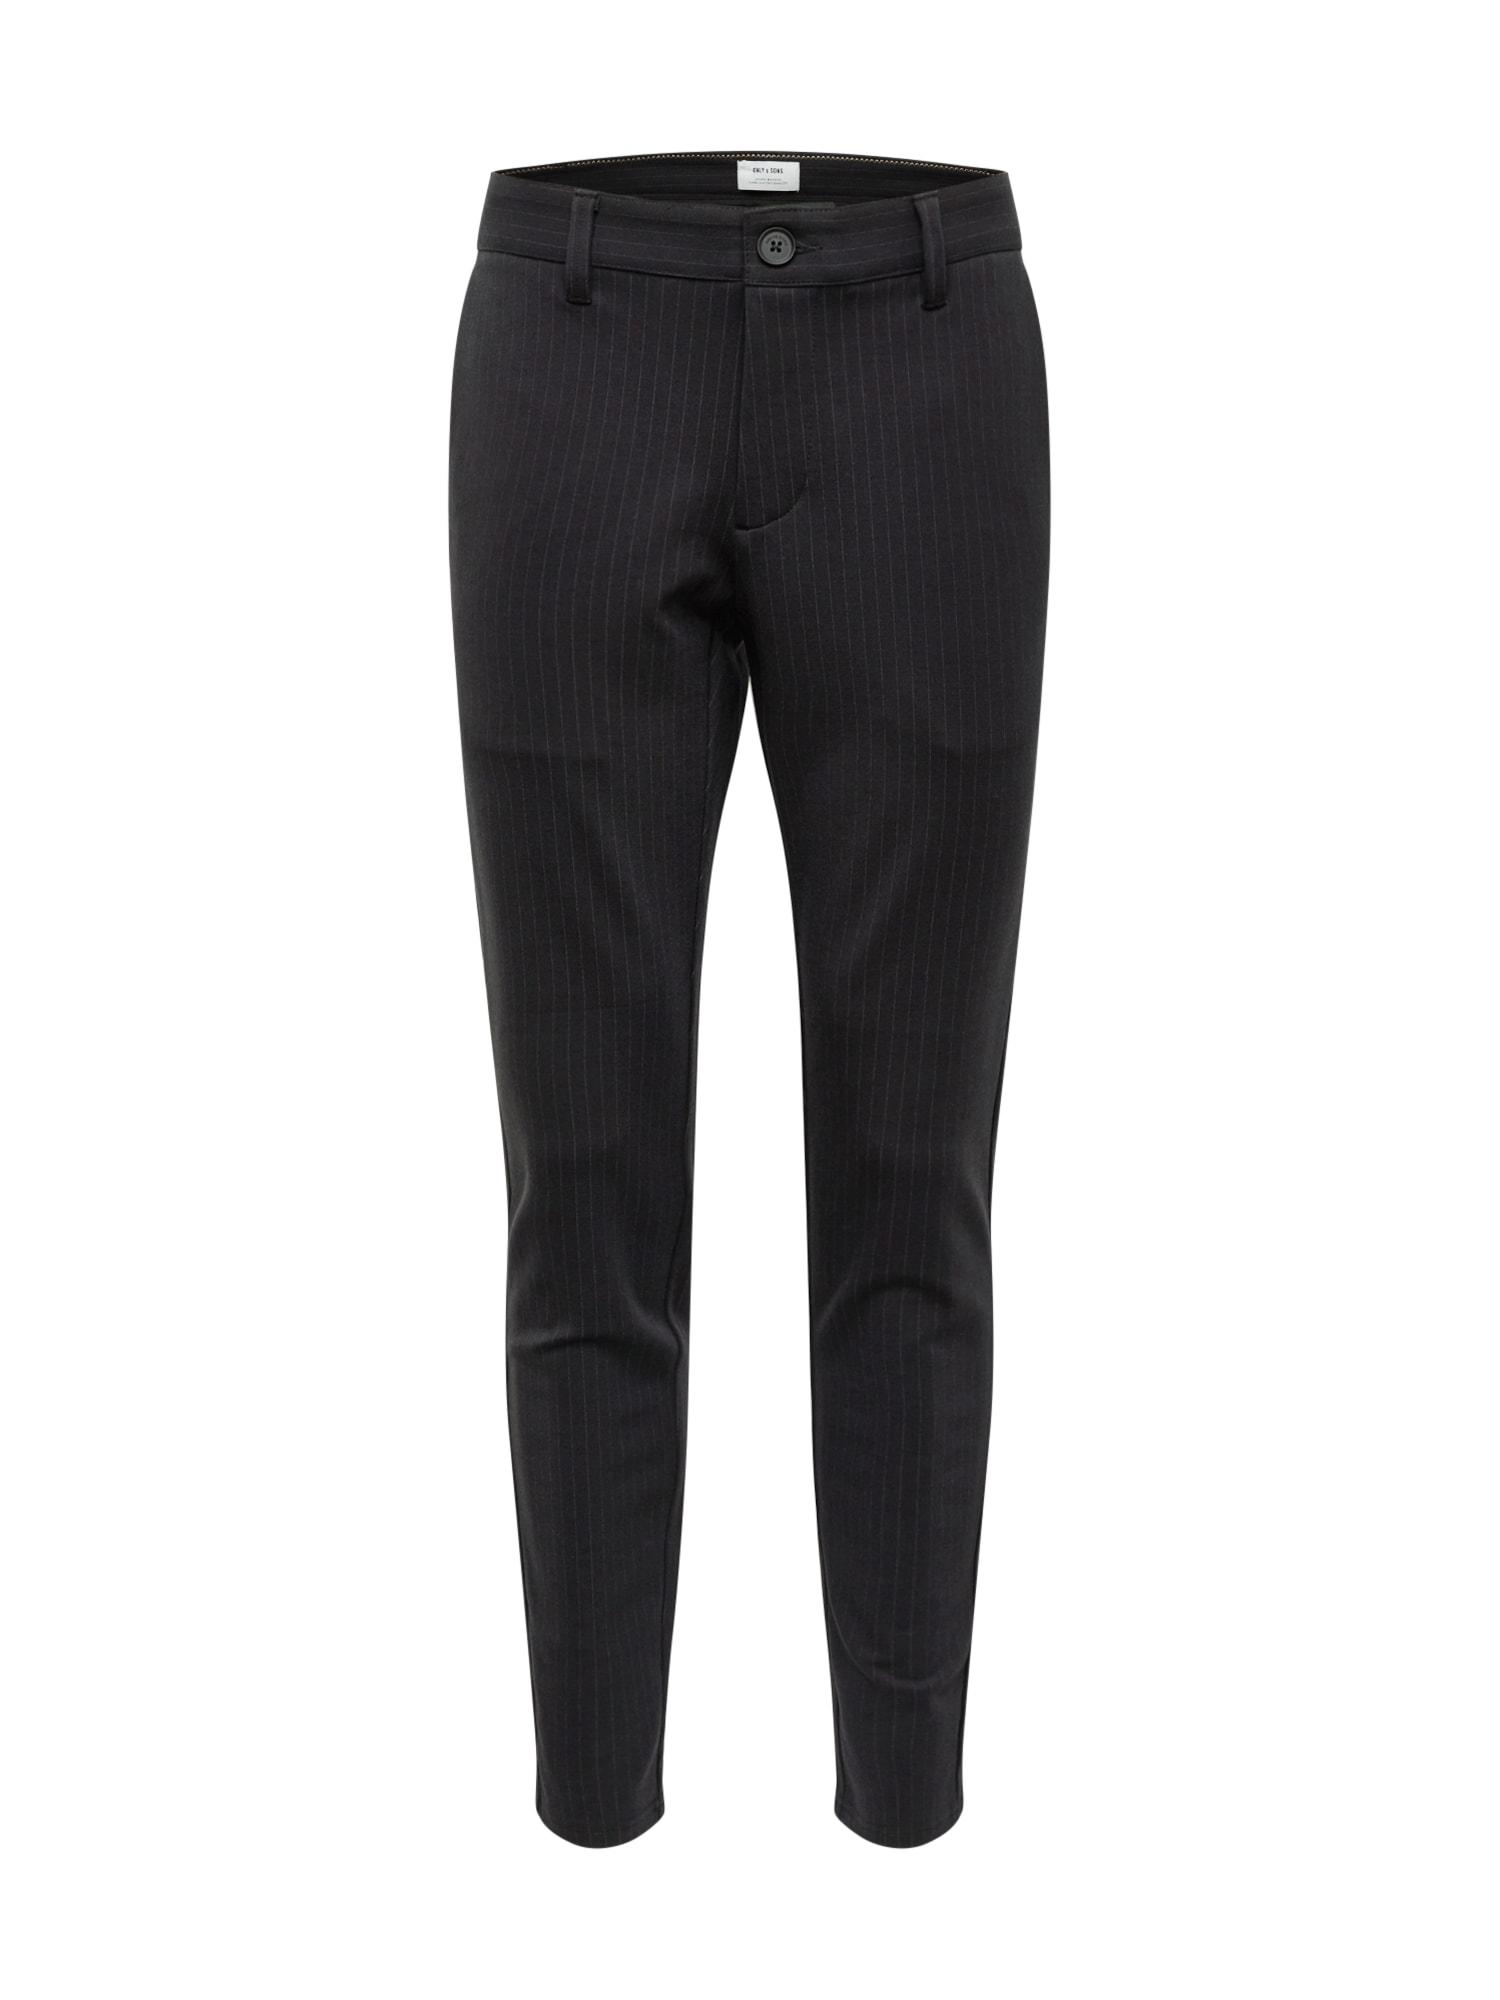 Chino kalhoty onsMARK PANT STRIPE GW 3727 NOOS černá Only & Sons